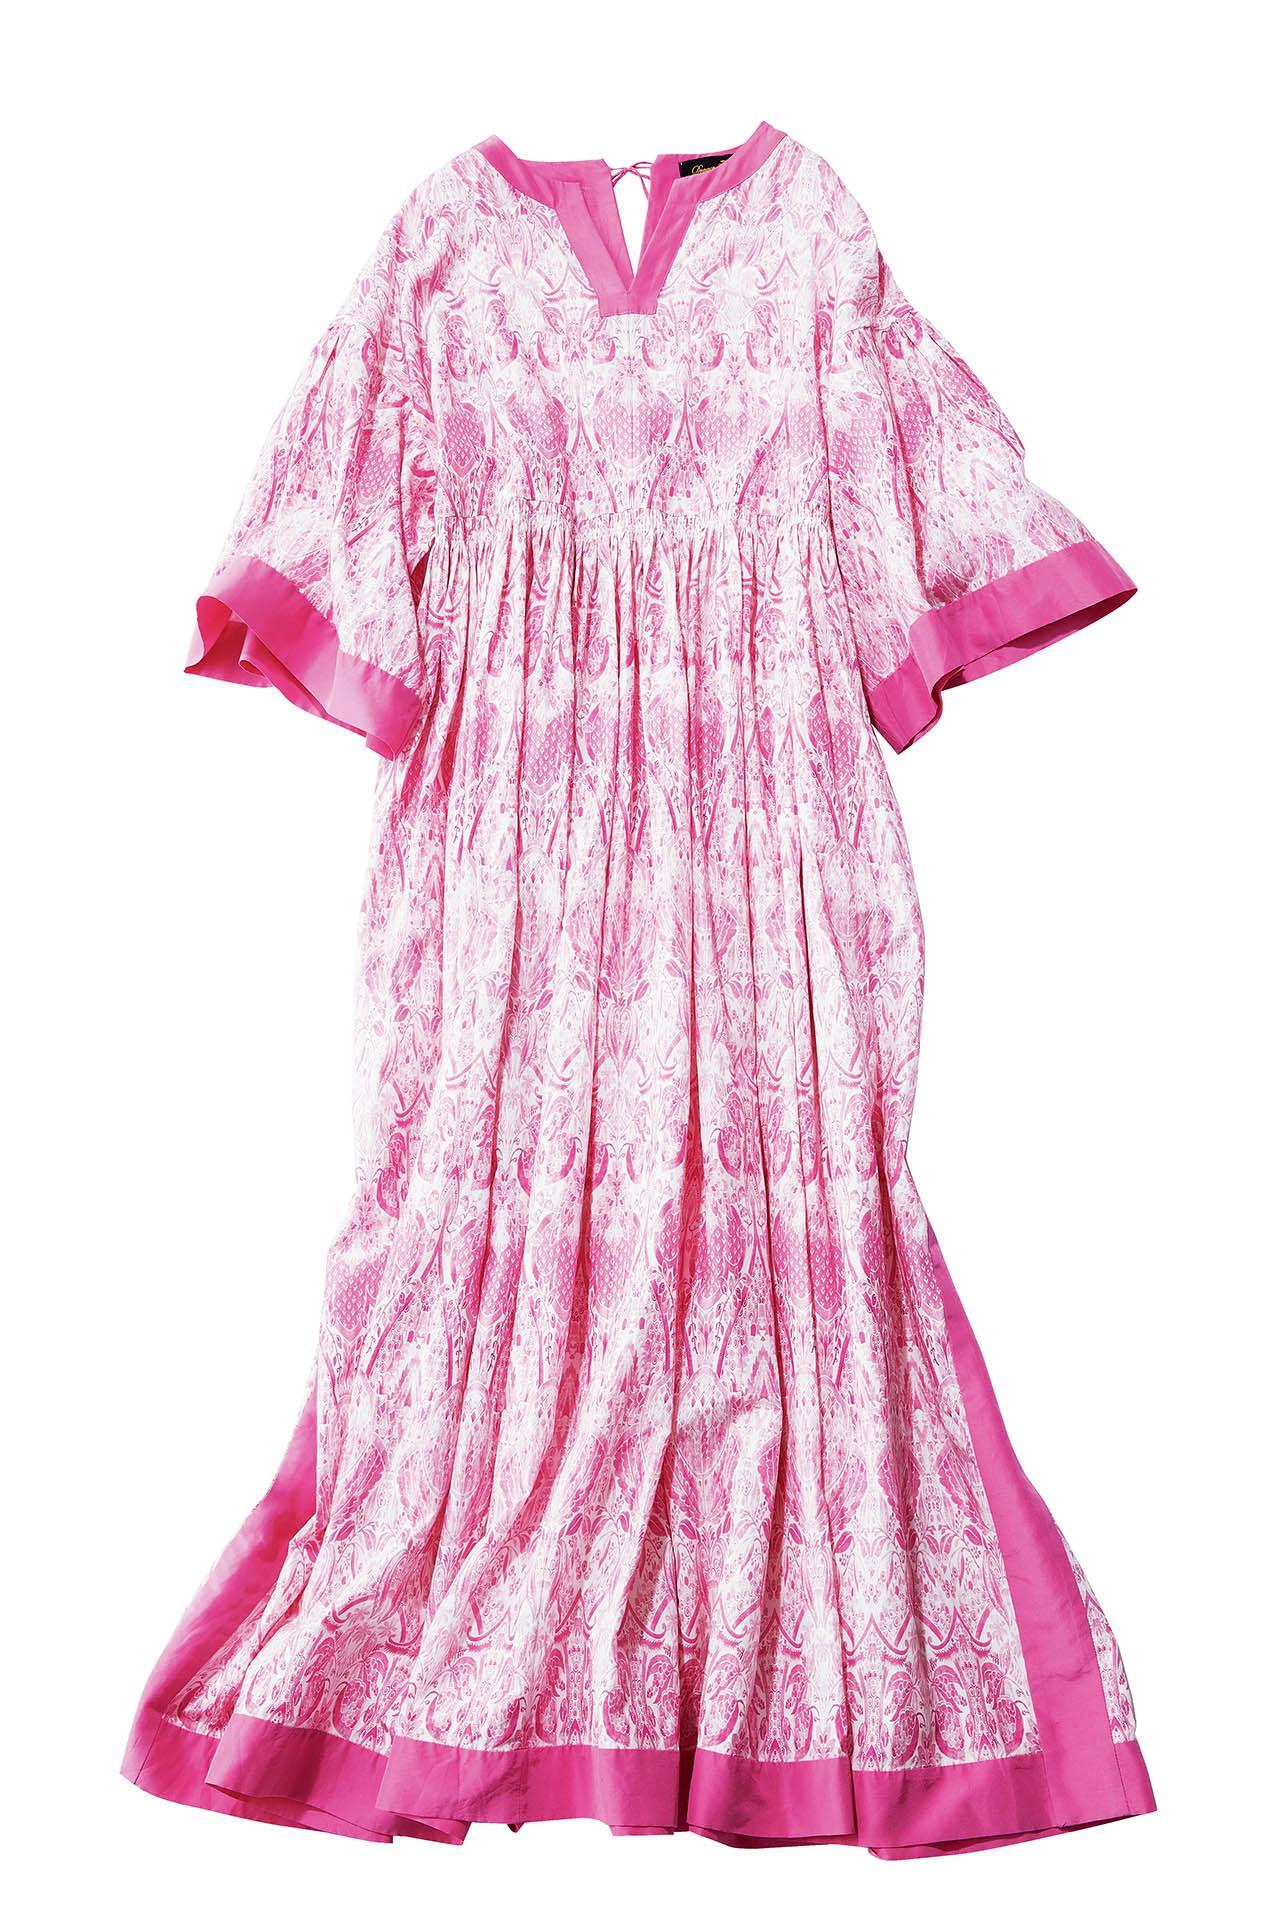 エクラスタッフ即決!春のフェミニン服は「これが理由でキープしました」 五選_1_1-4